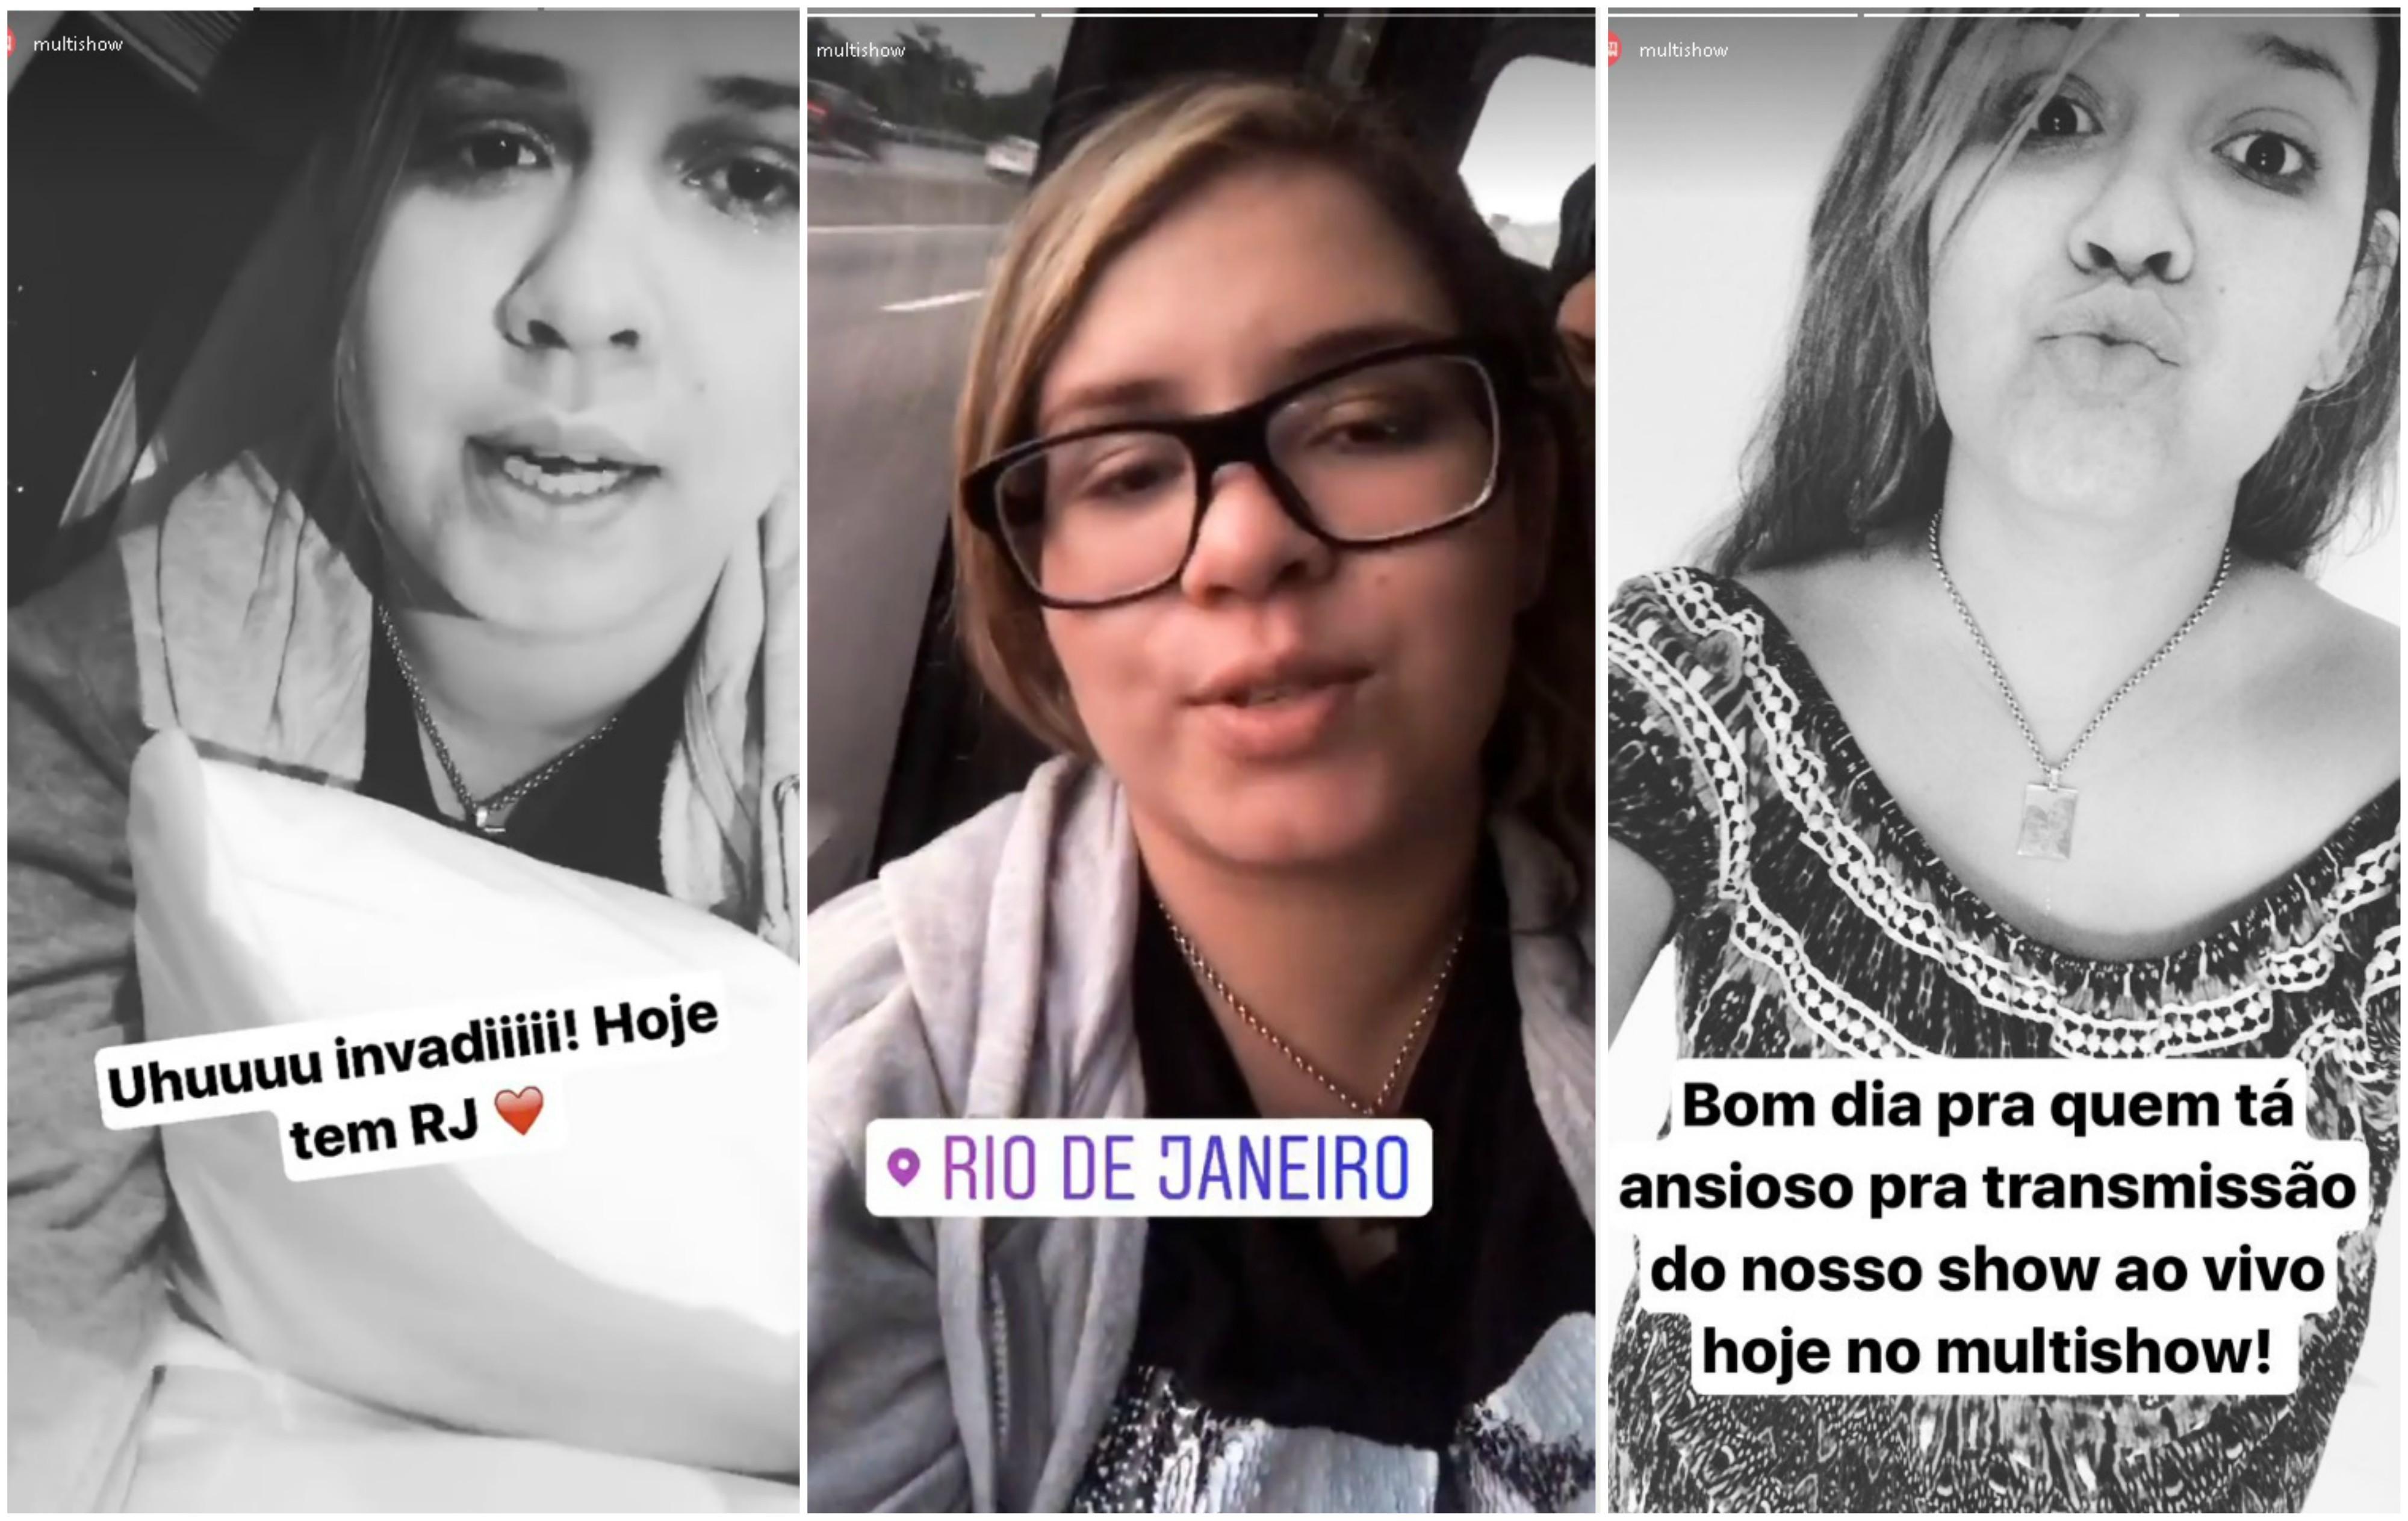 Marlia Mendona invade o Instagram do Multishow antes de se apresentar no Rio de Janeiro (Foto: Reproduo/Instagram)